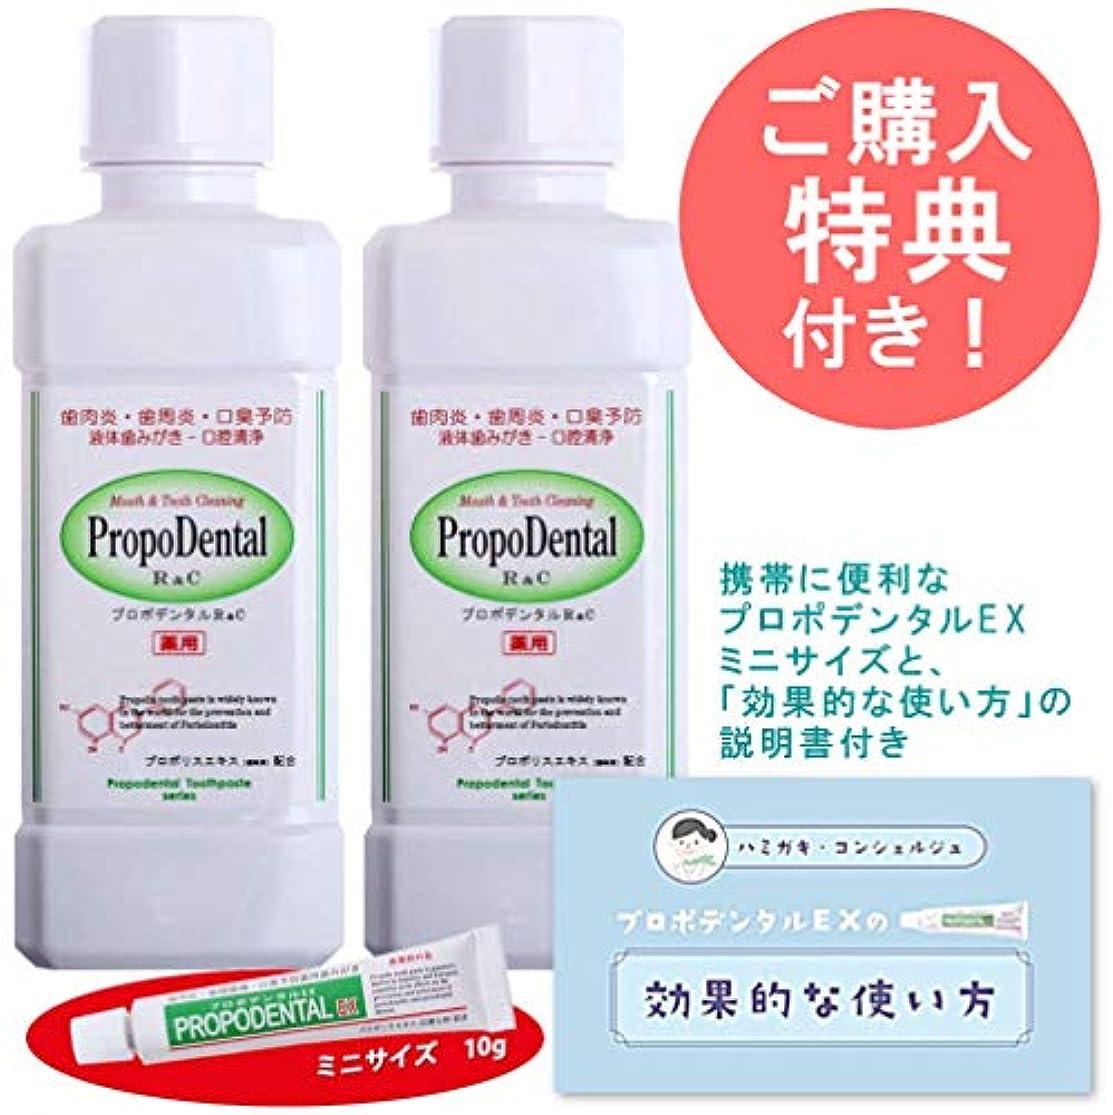 利点すぐに資格【医薬部外品】薬用 液体歯磨き プロポデンタルリンスR&C マウスウォッシュ 液体はみがき(300ml) (2本+ミニサイズ1本)